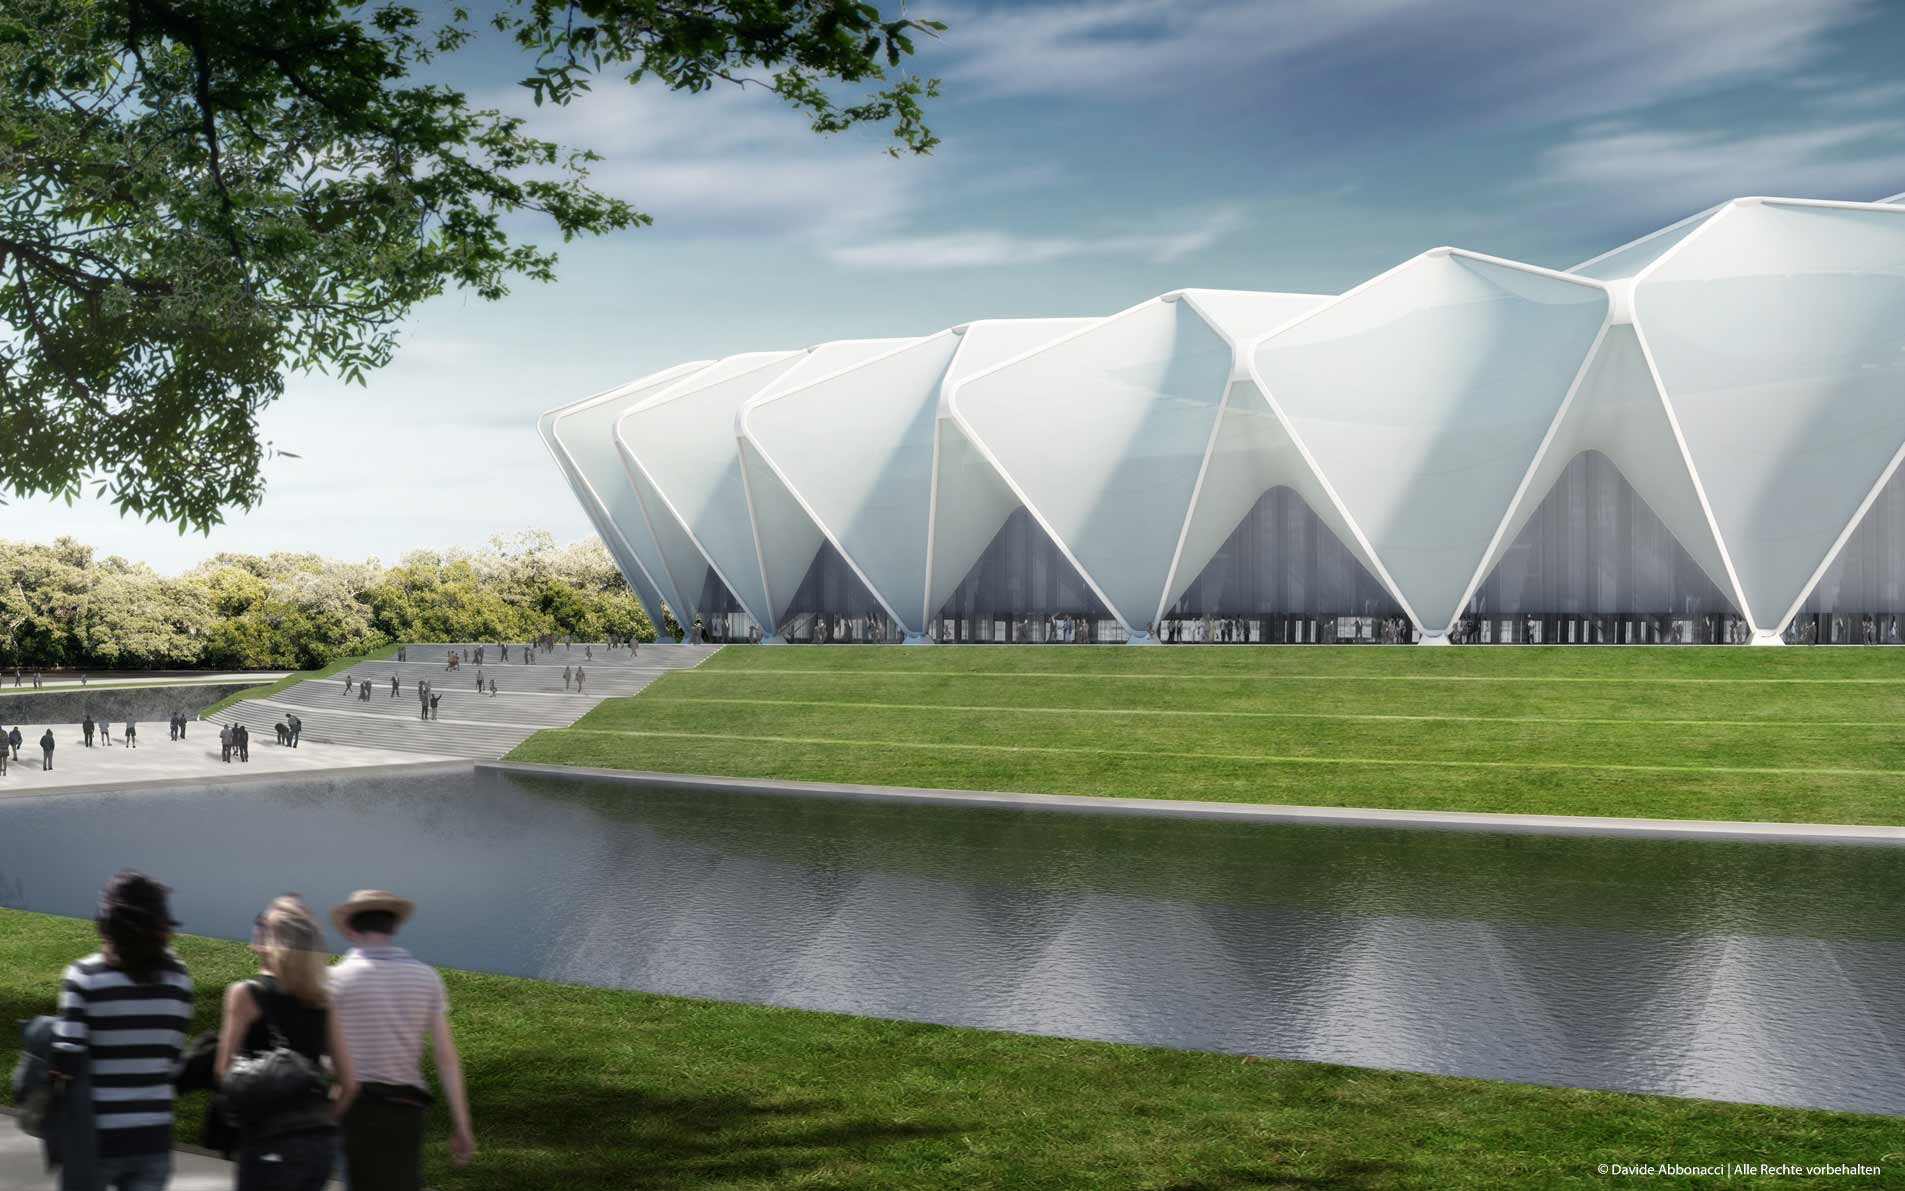 World Cup 2018 Russia – Stadium Krasnodar, Russia | gmp Architekten von Gerkan, Marg und Partner | 2012 Wettbewerbsvisualisierung